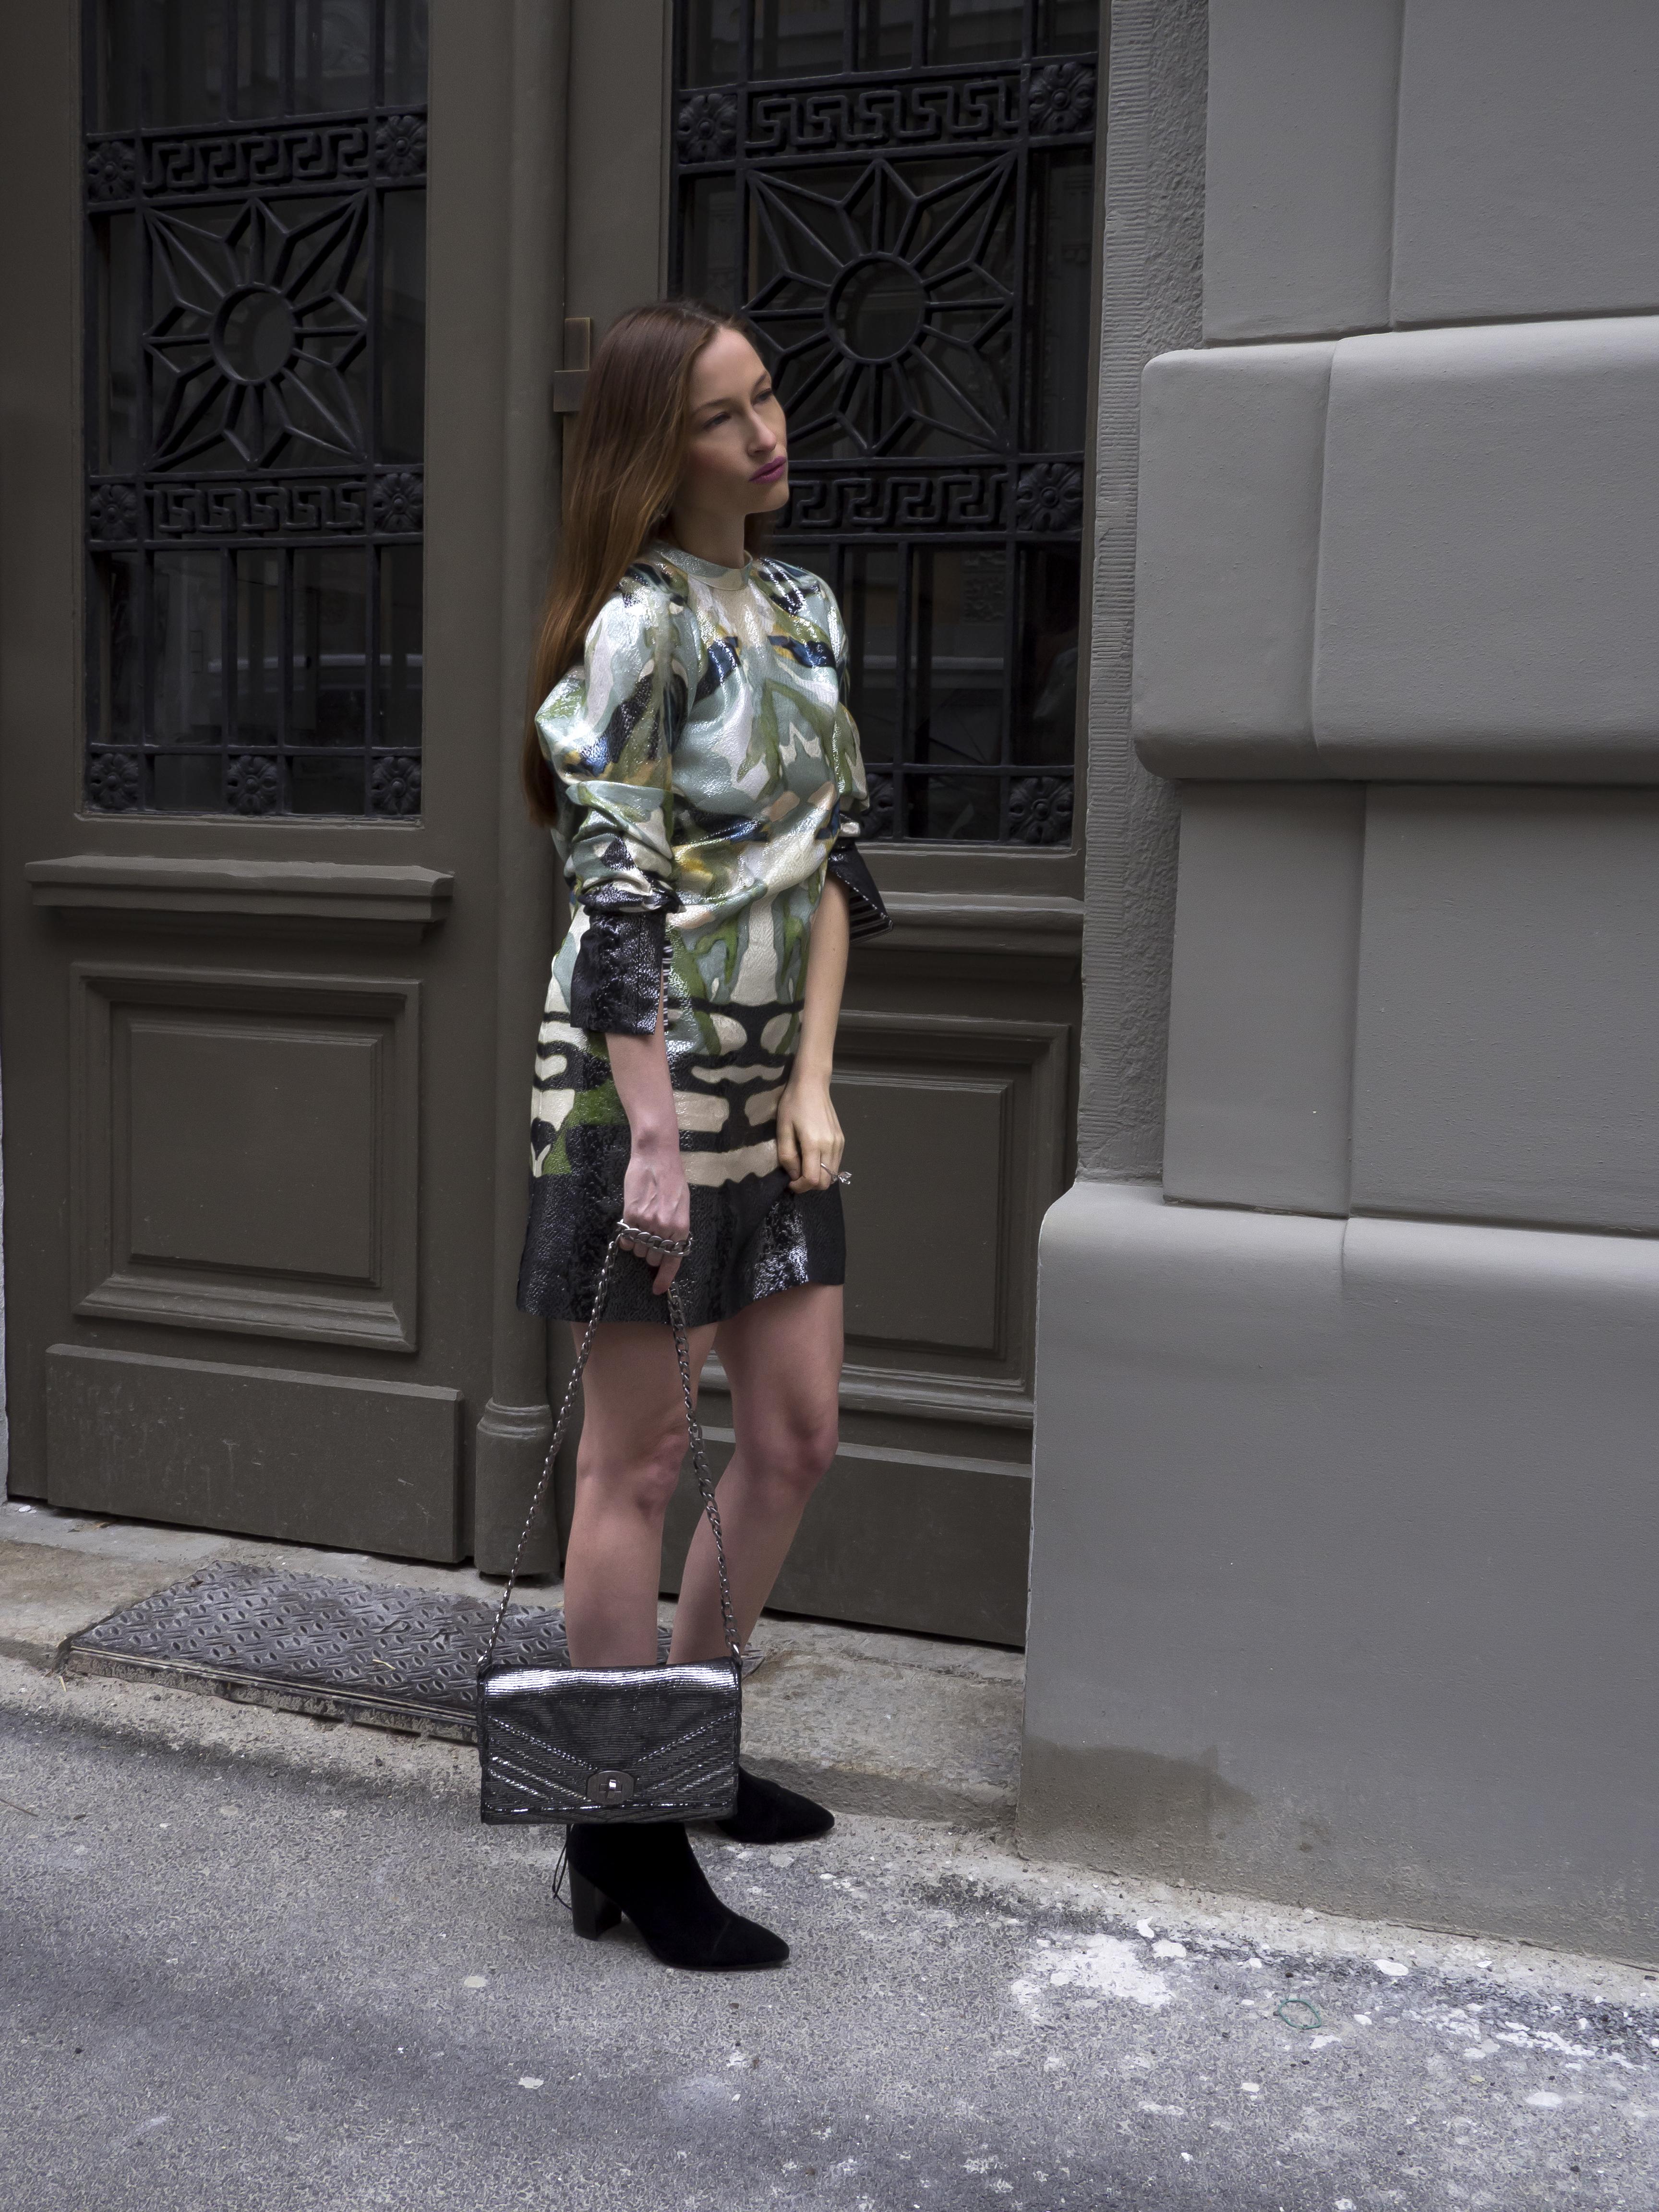 Recyklovaná móda - H&M Conscious Exclusive 2018 - Monika Filipová